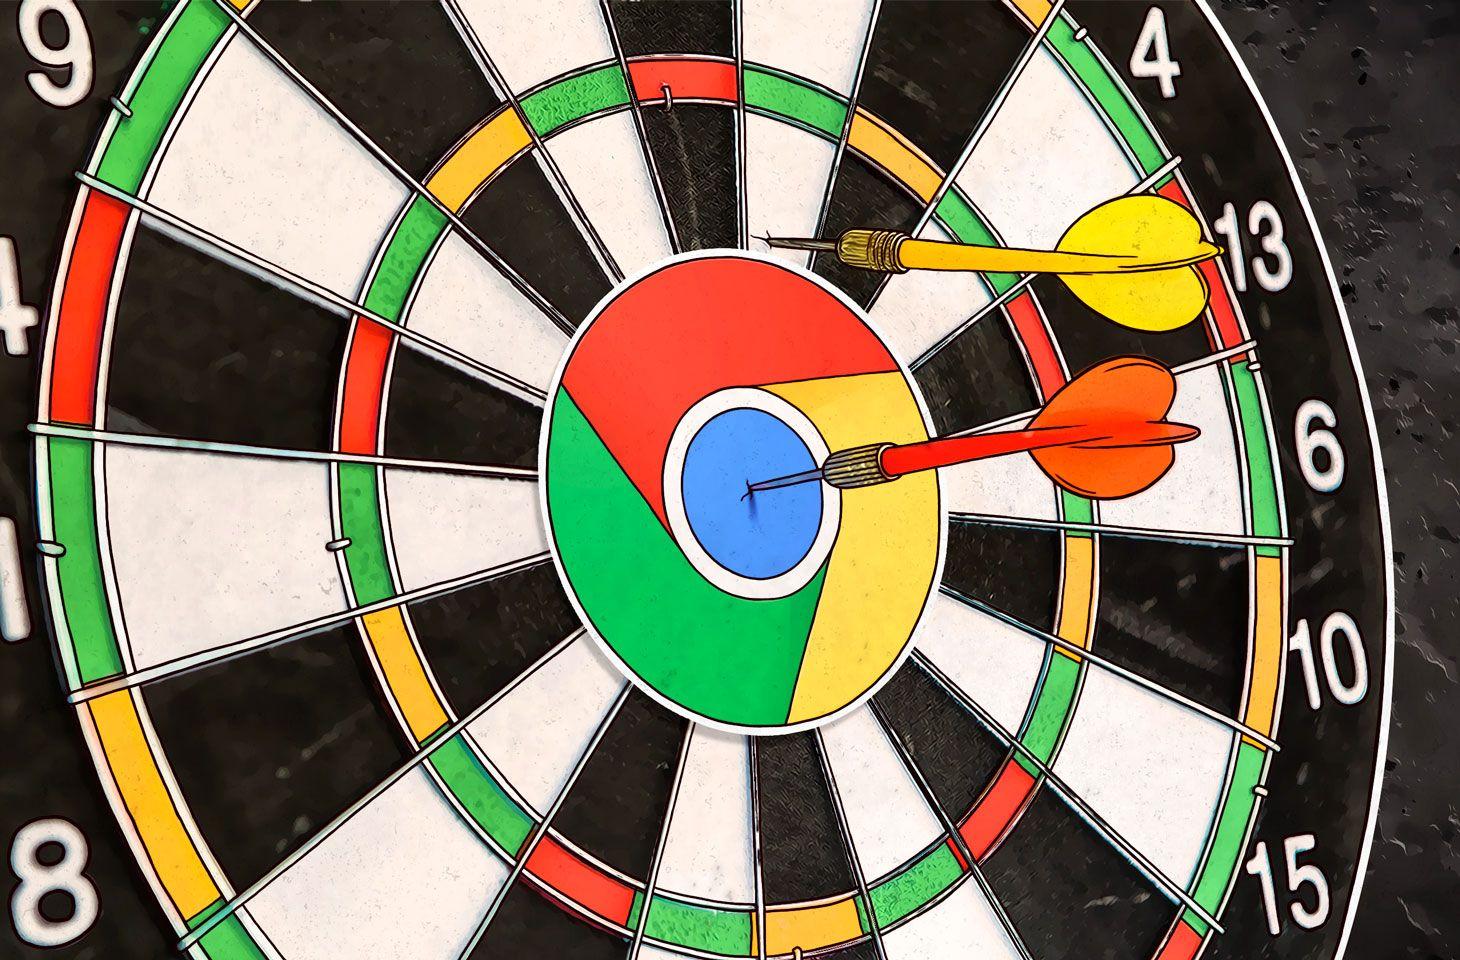 جوجل توصي بالتحديث لمتصفح الكروم google-chrome-zeroda